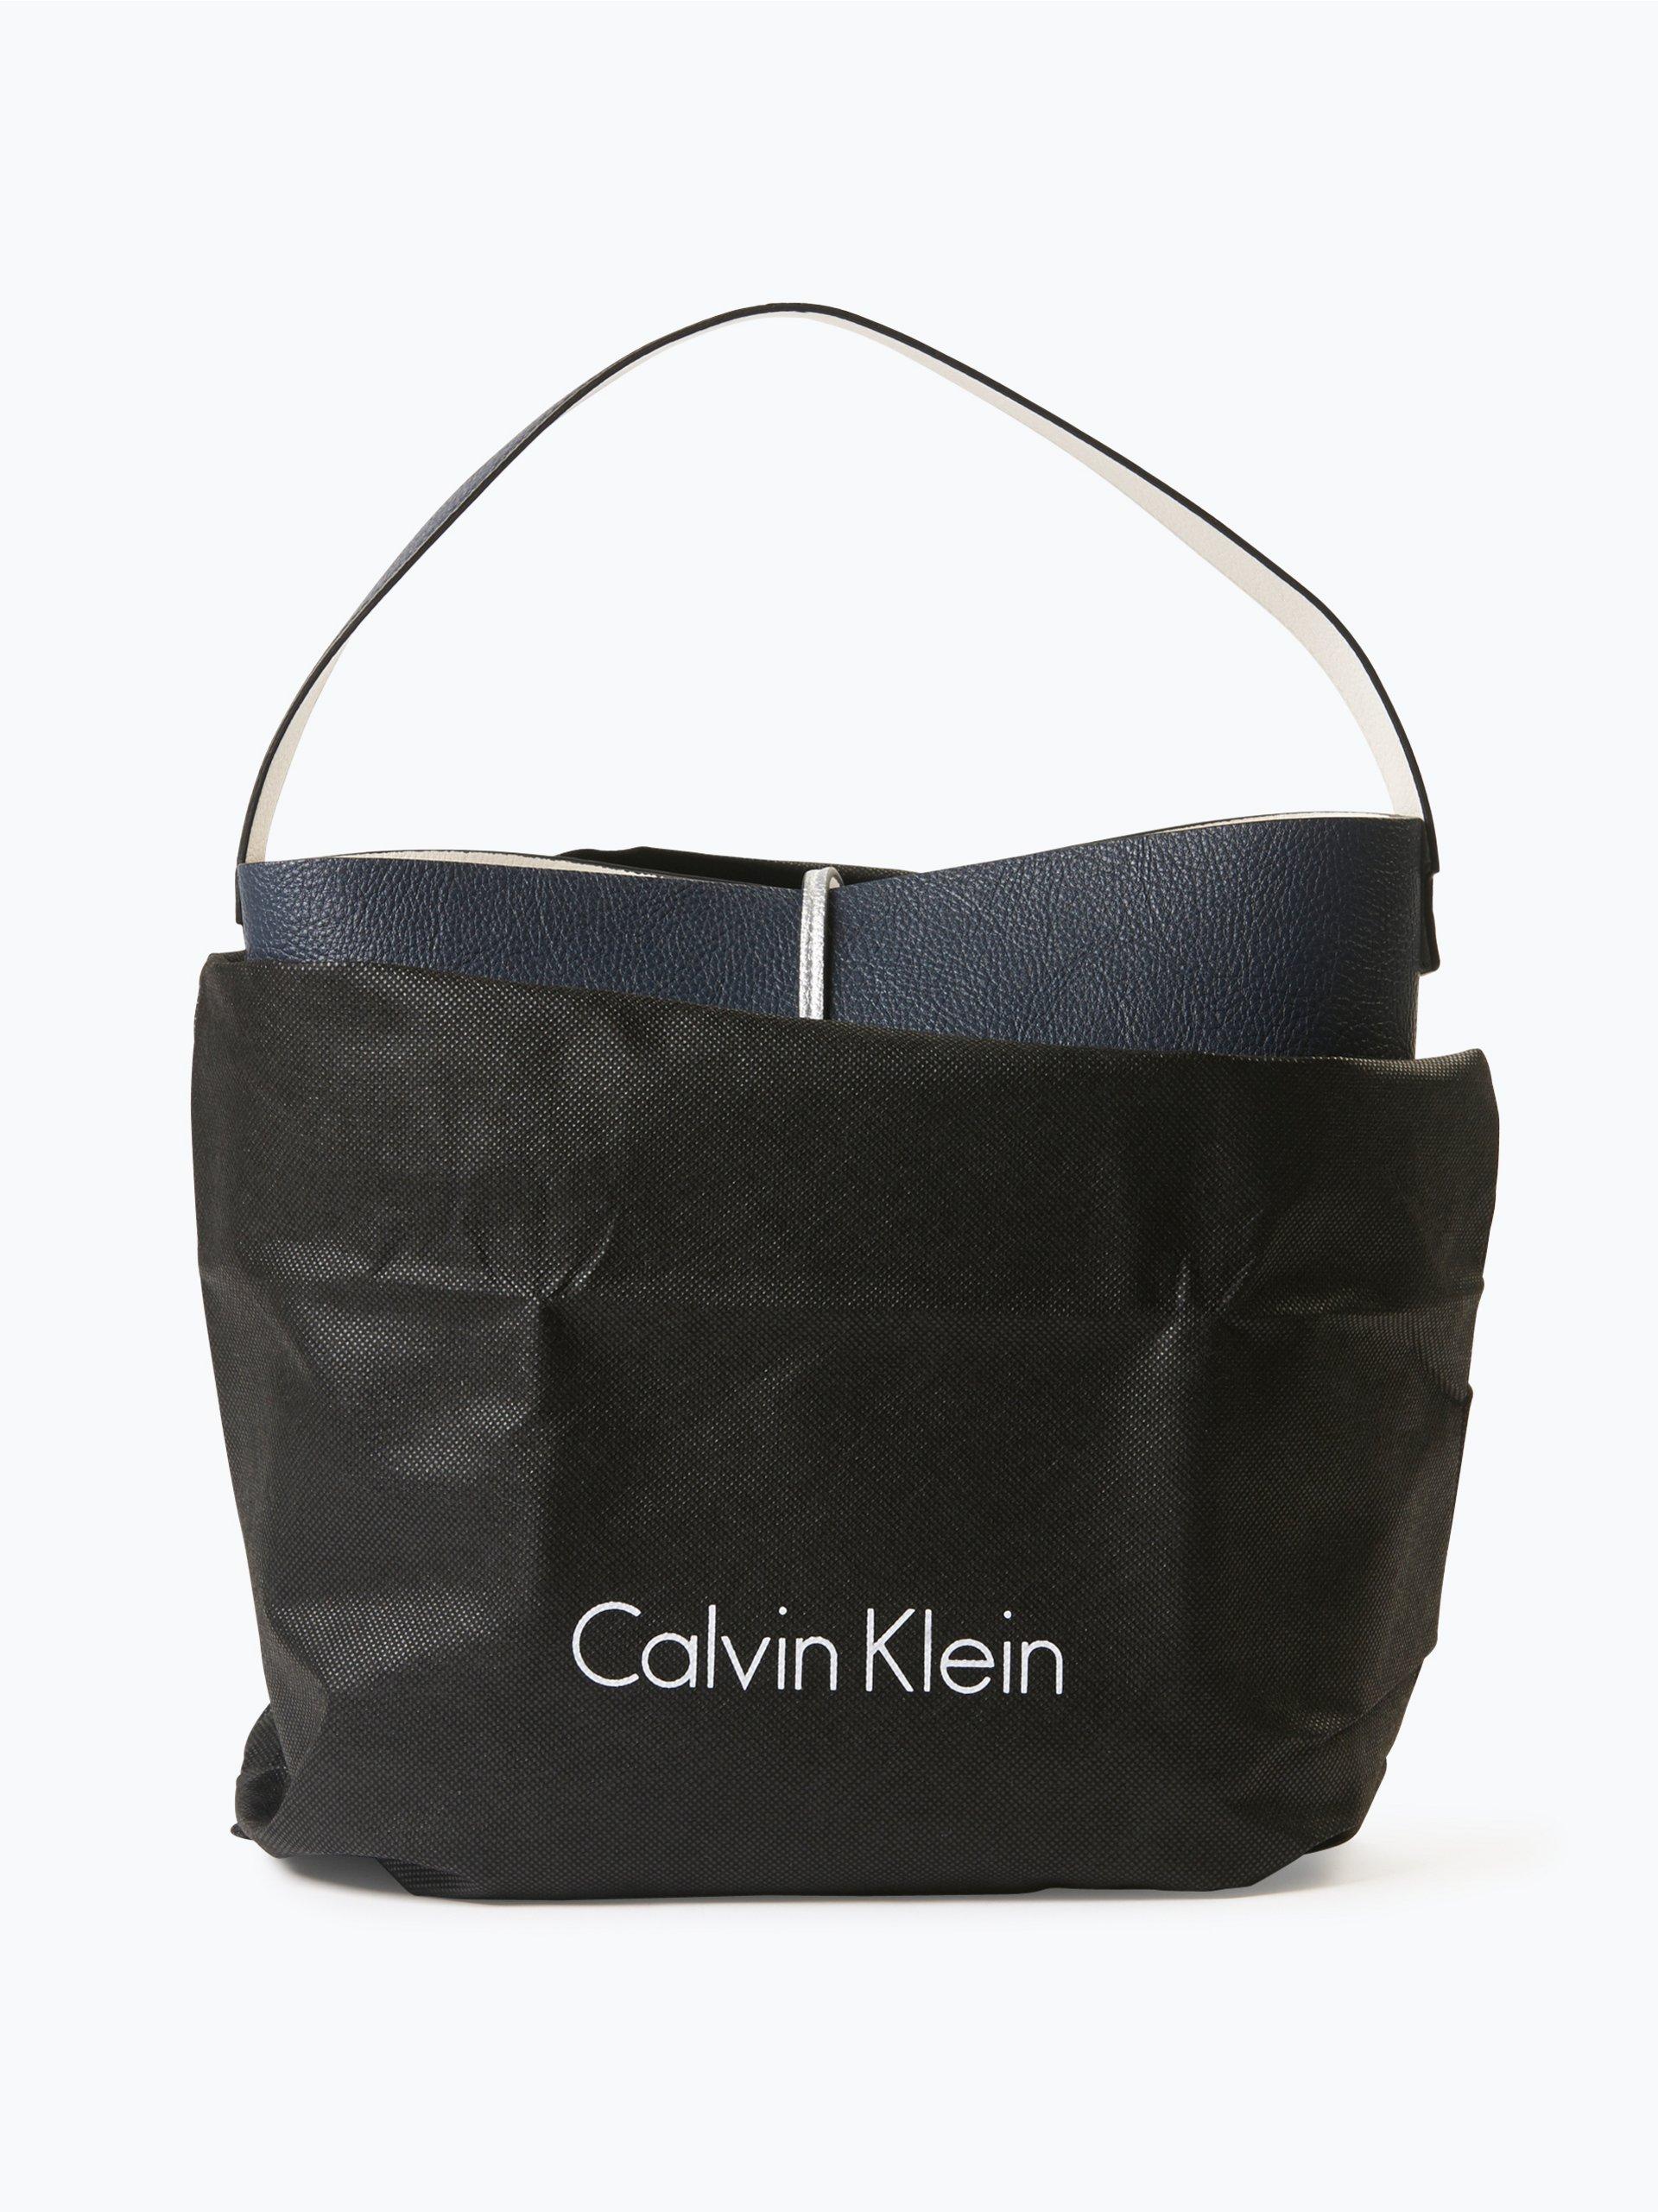 calvin klein damen wende handtasche mit clutch in leder. Black Bedroom Furniture Sets. Home Design Ideas